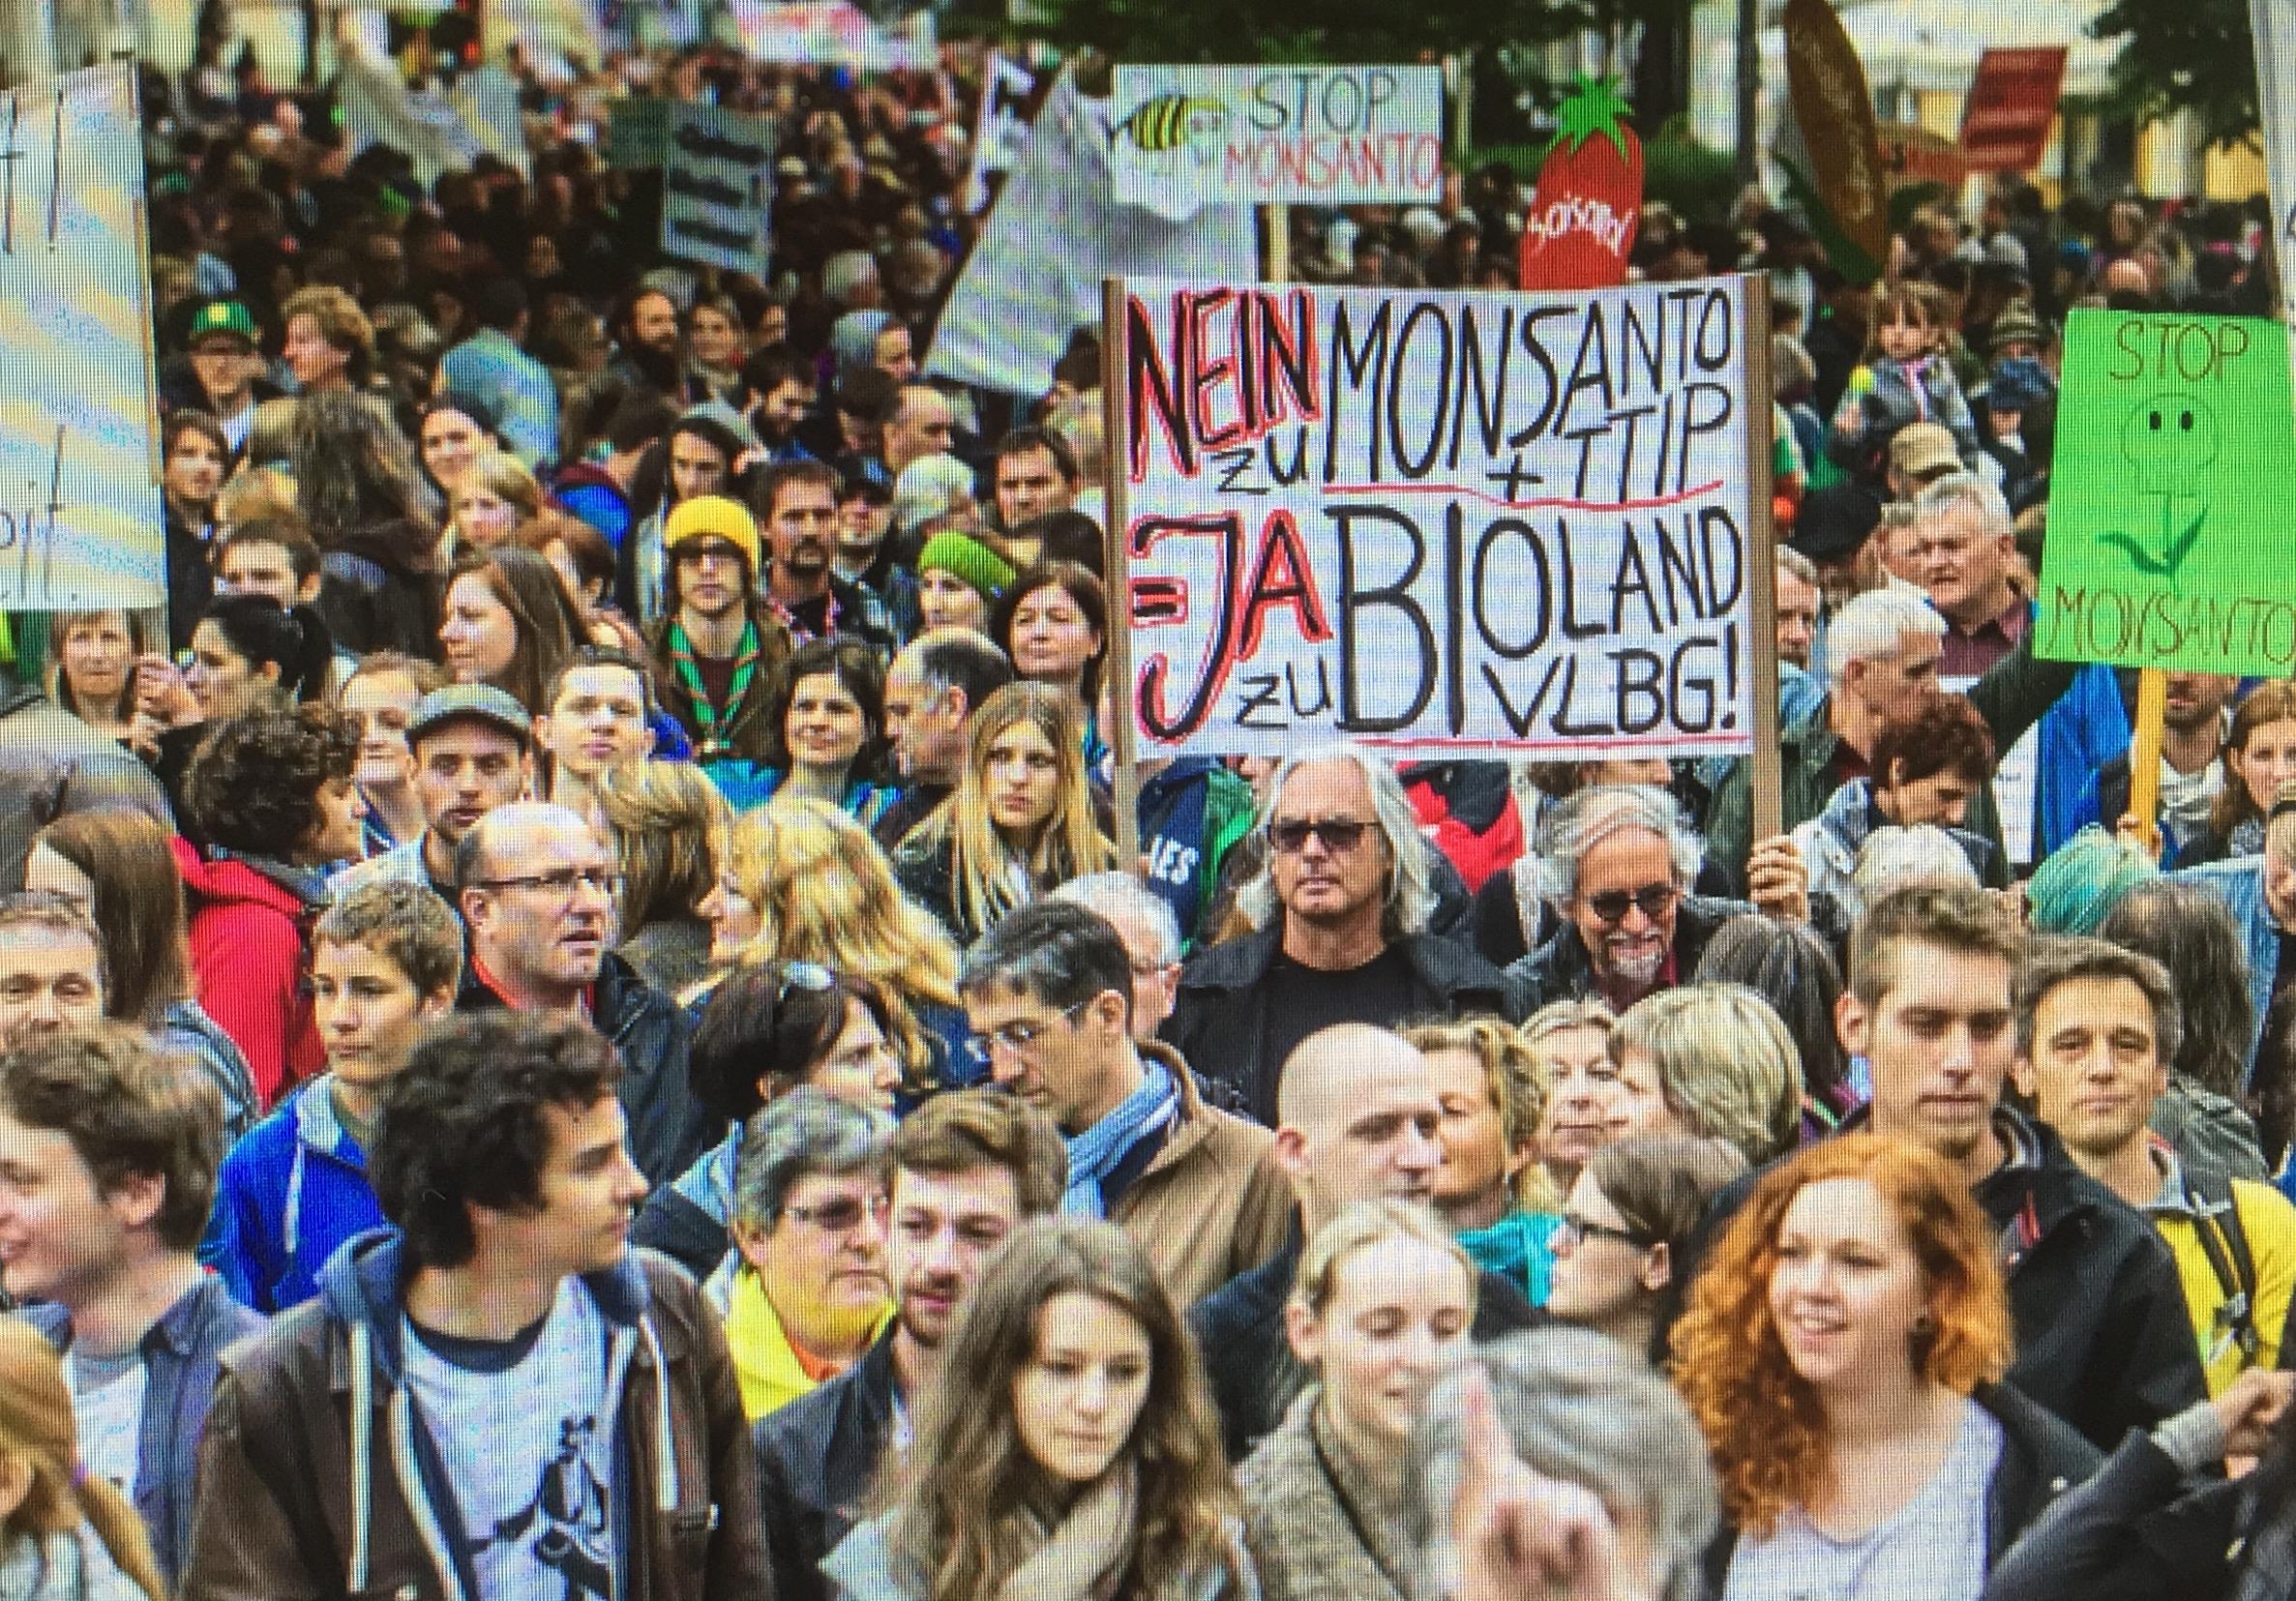 March against Monsanto am 20. Mai 2017 in Bregenz Vorarlberg für ein gutes Leben für alle und ein ökologisch-soziales und friedvolles Europa